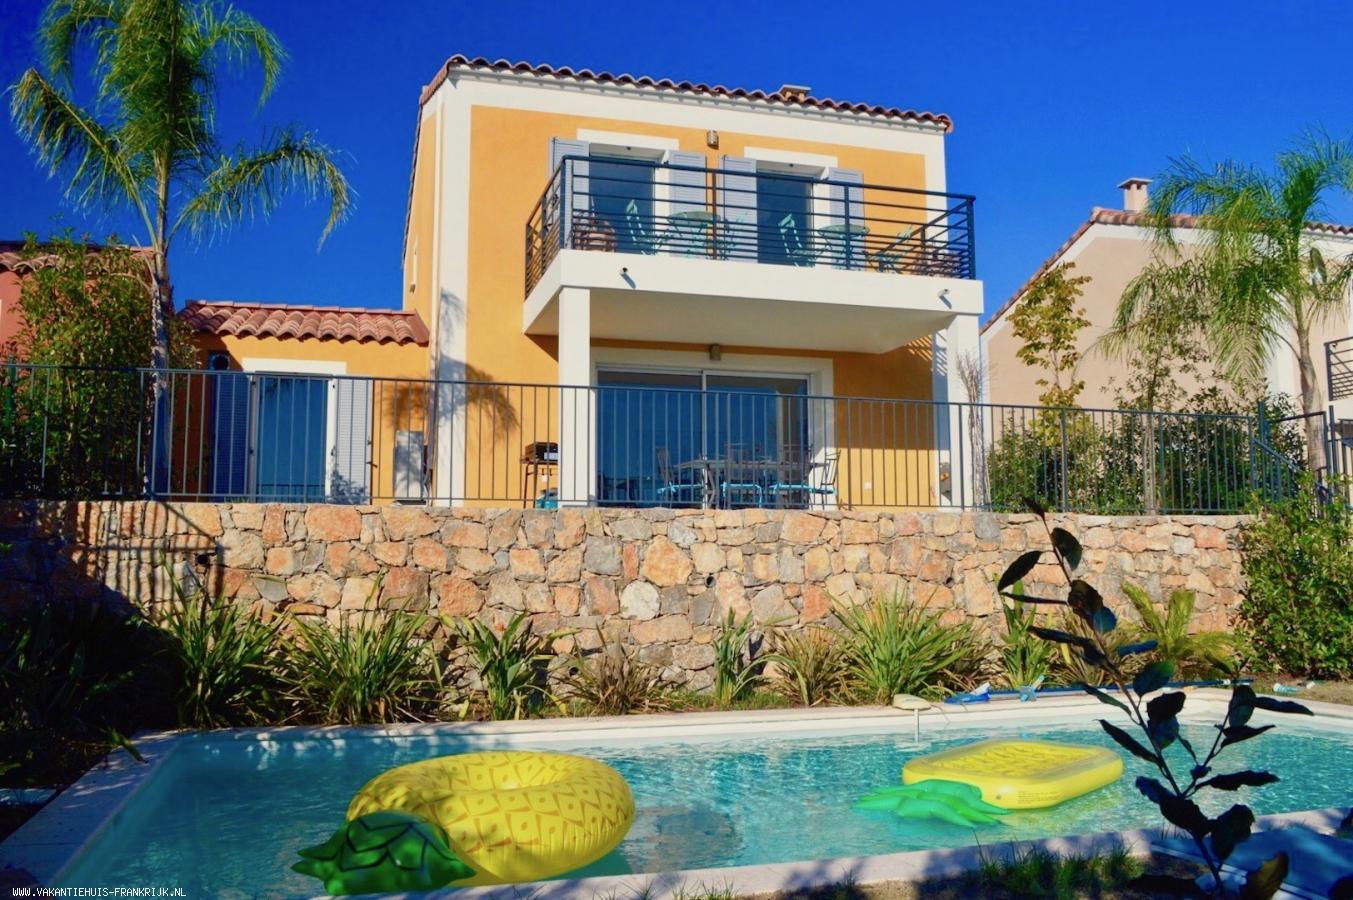 Vakantiehuis: Villa Ananas is een prachtige villa voor maximaal 6 personen met een weids uitzicht en verwarmd privézwembad. te huur voor uw vakantie in Alpen Maritimes (Frankrijk)